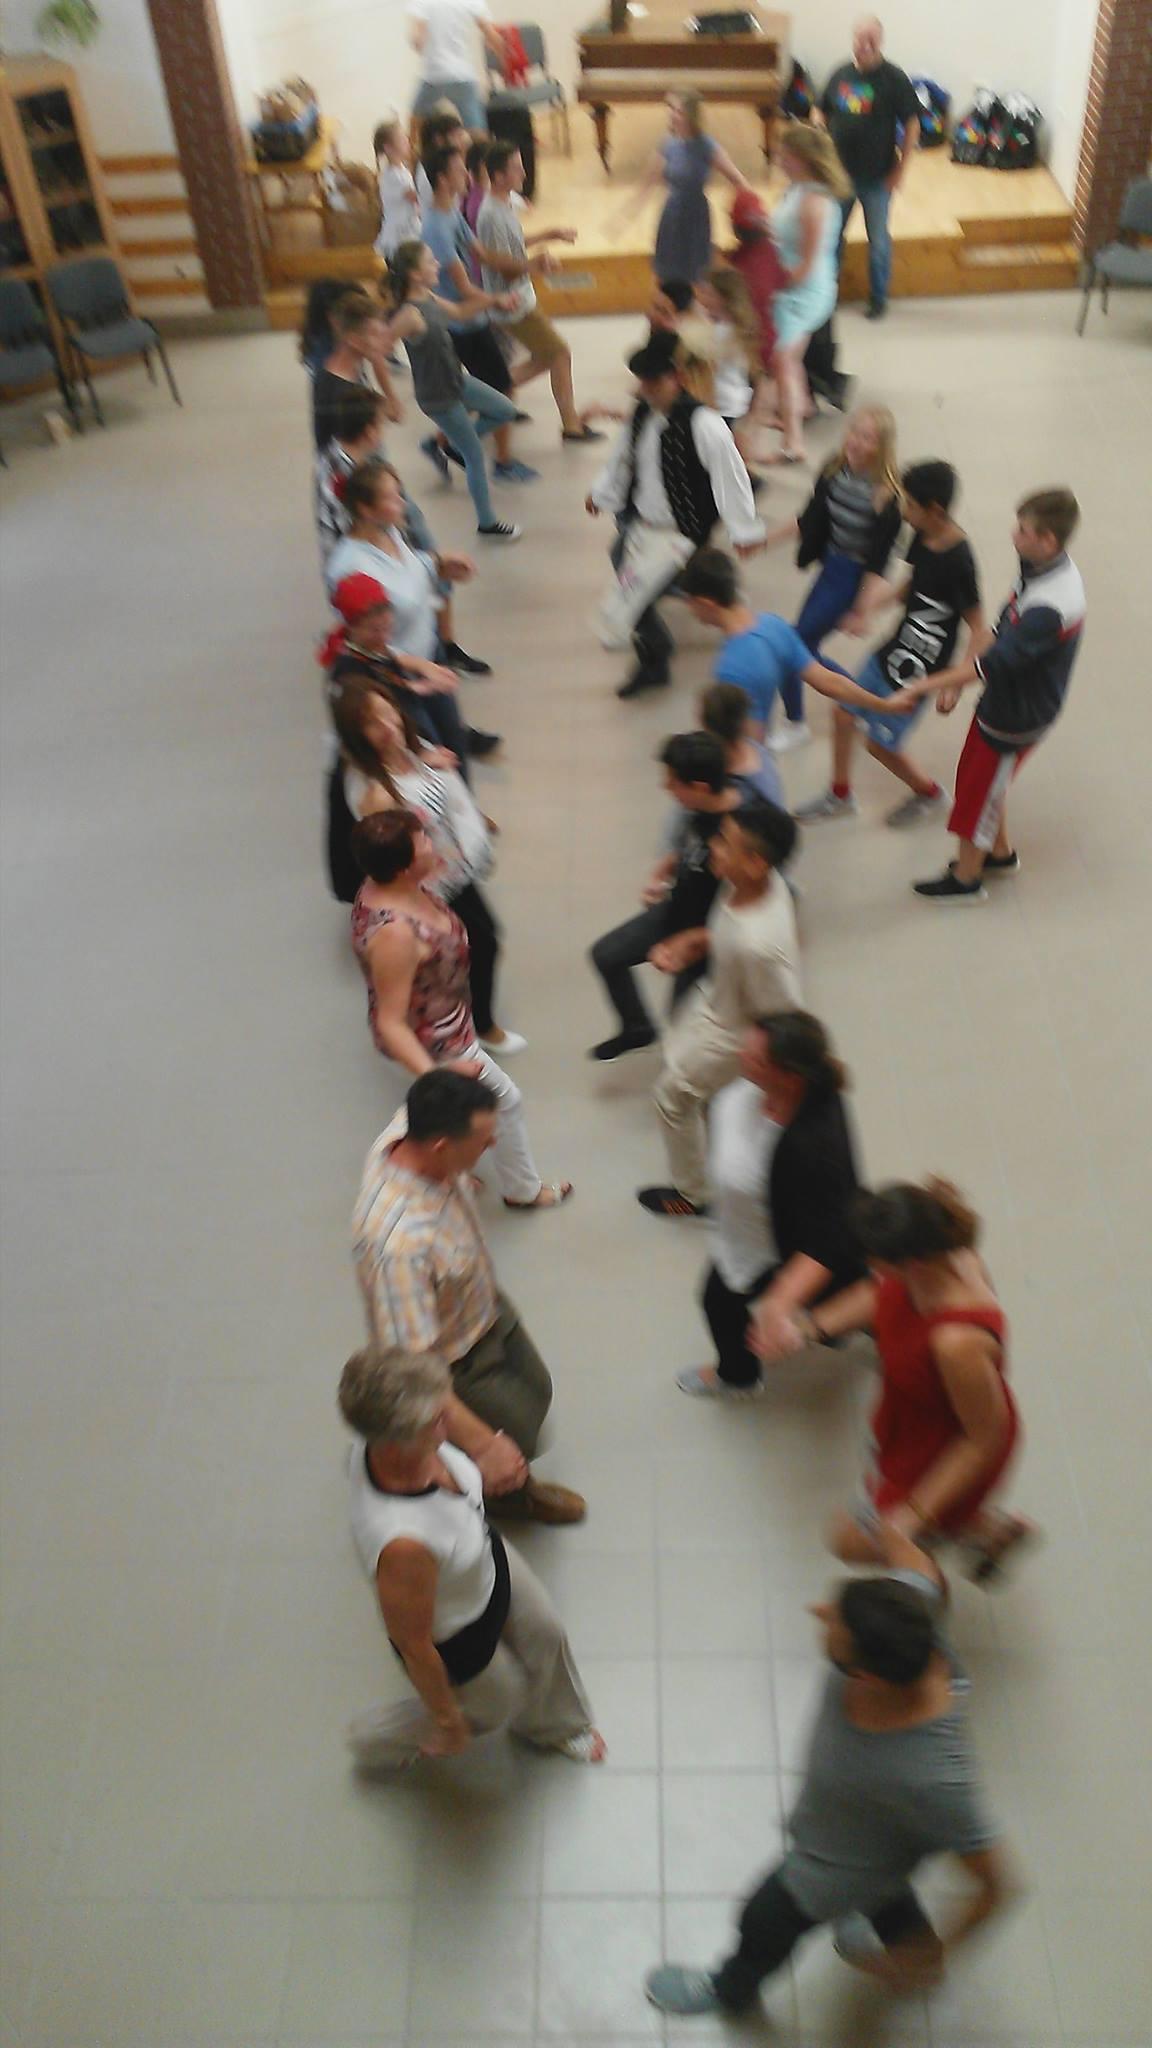 Abschiedsabend mit ungarischen Tänzen